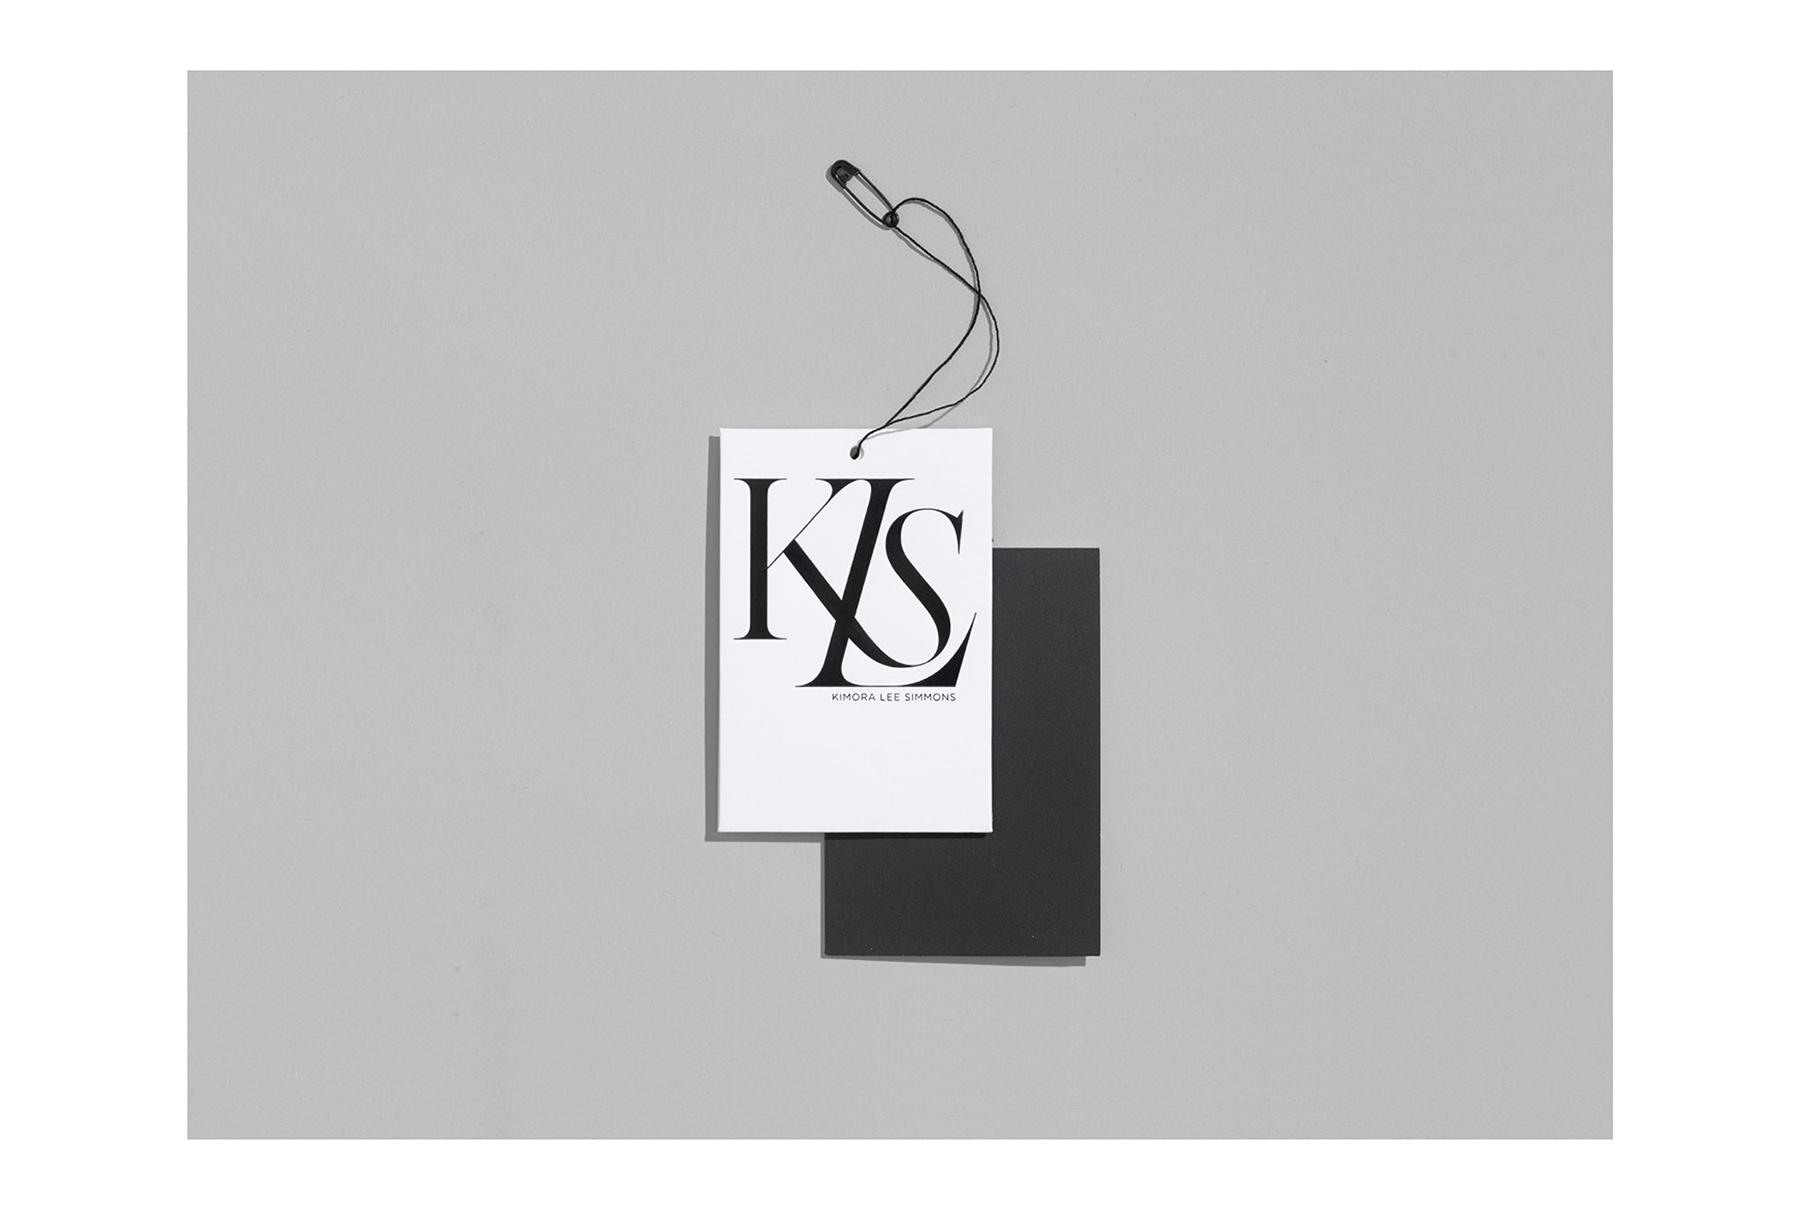 KLS_3.jpg